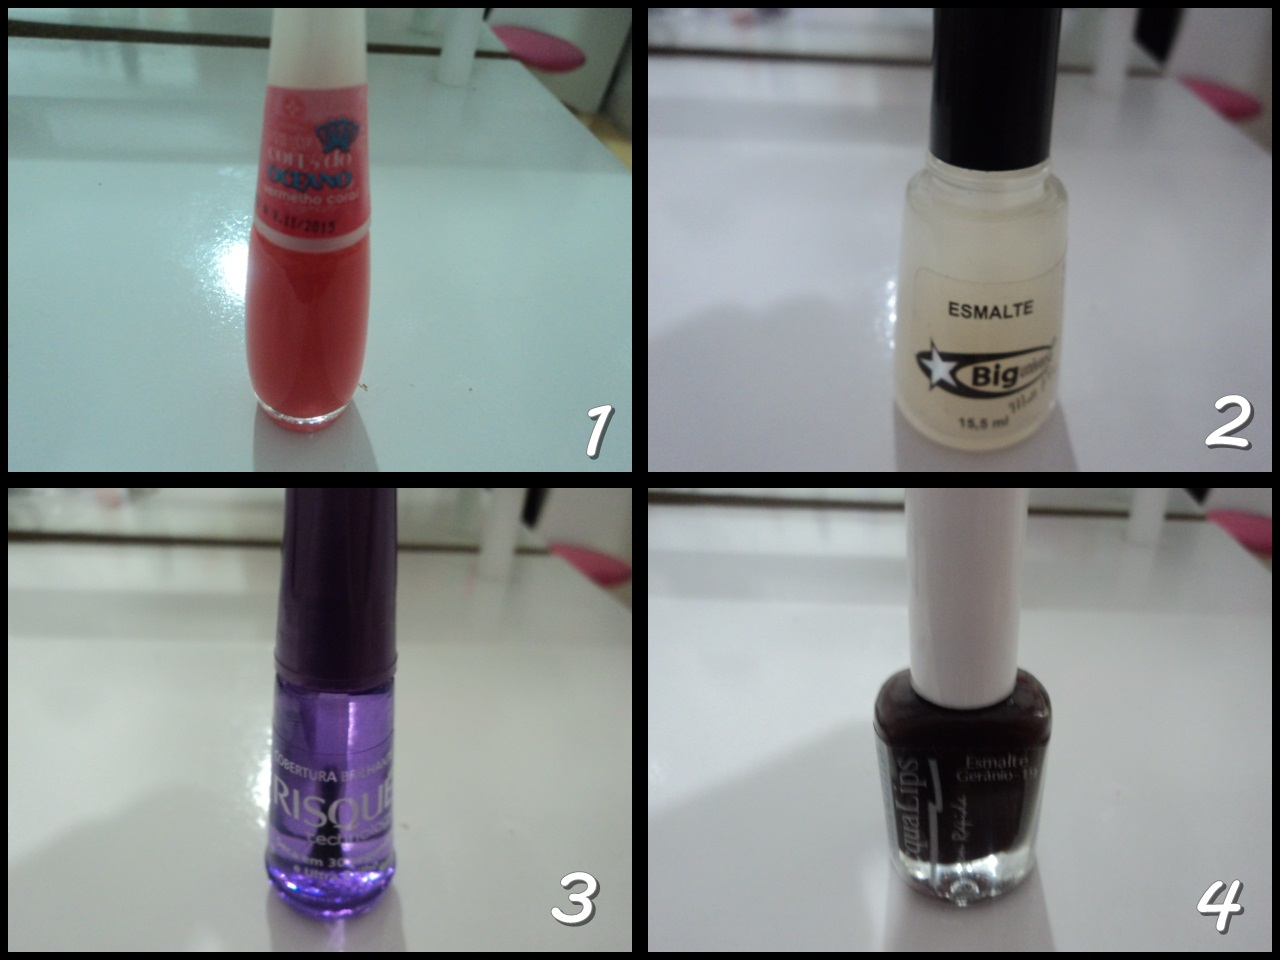 Esmaltes impala; esmaltes Risque; Esmaltes Big; esmalte coral; top coat; efeito fosco esmalte; esmalte com efeito fosco; esmalte marrom